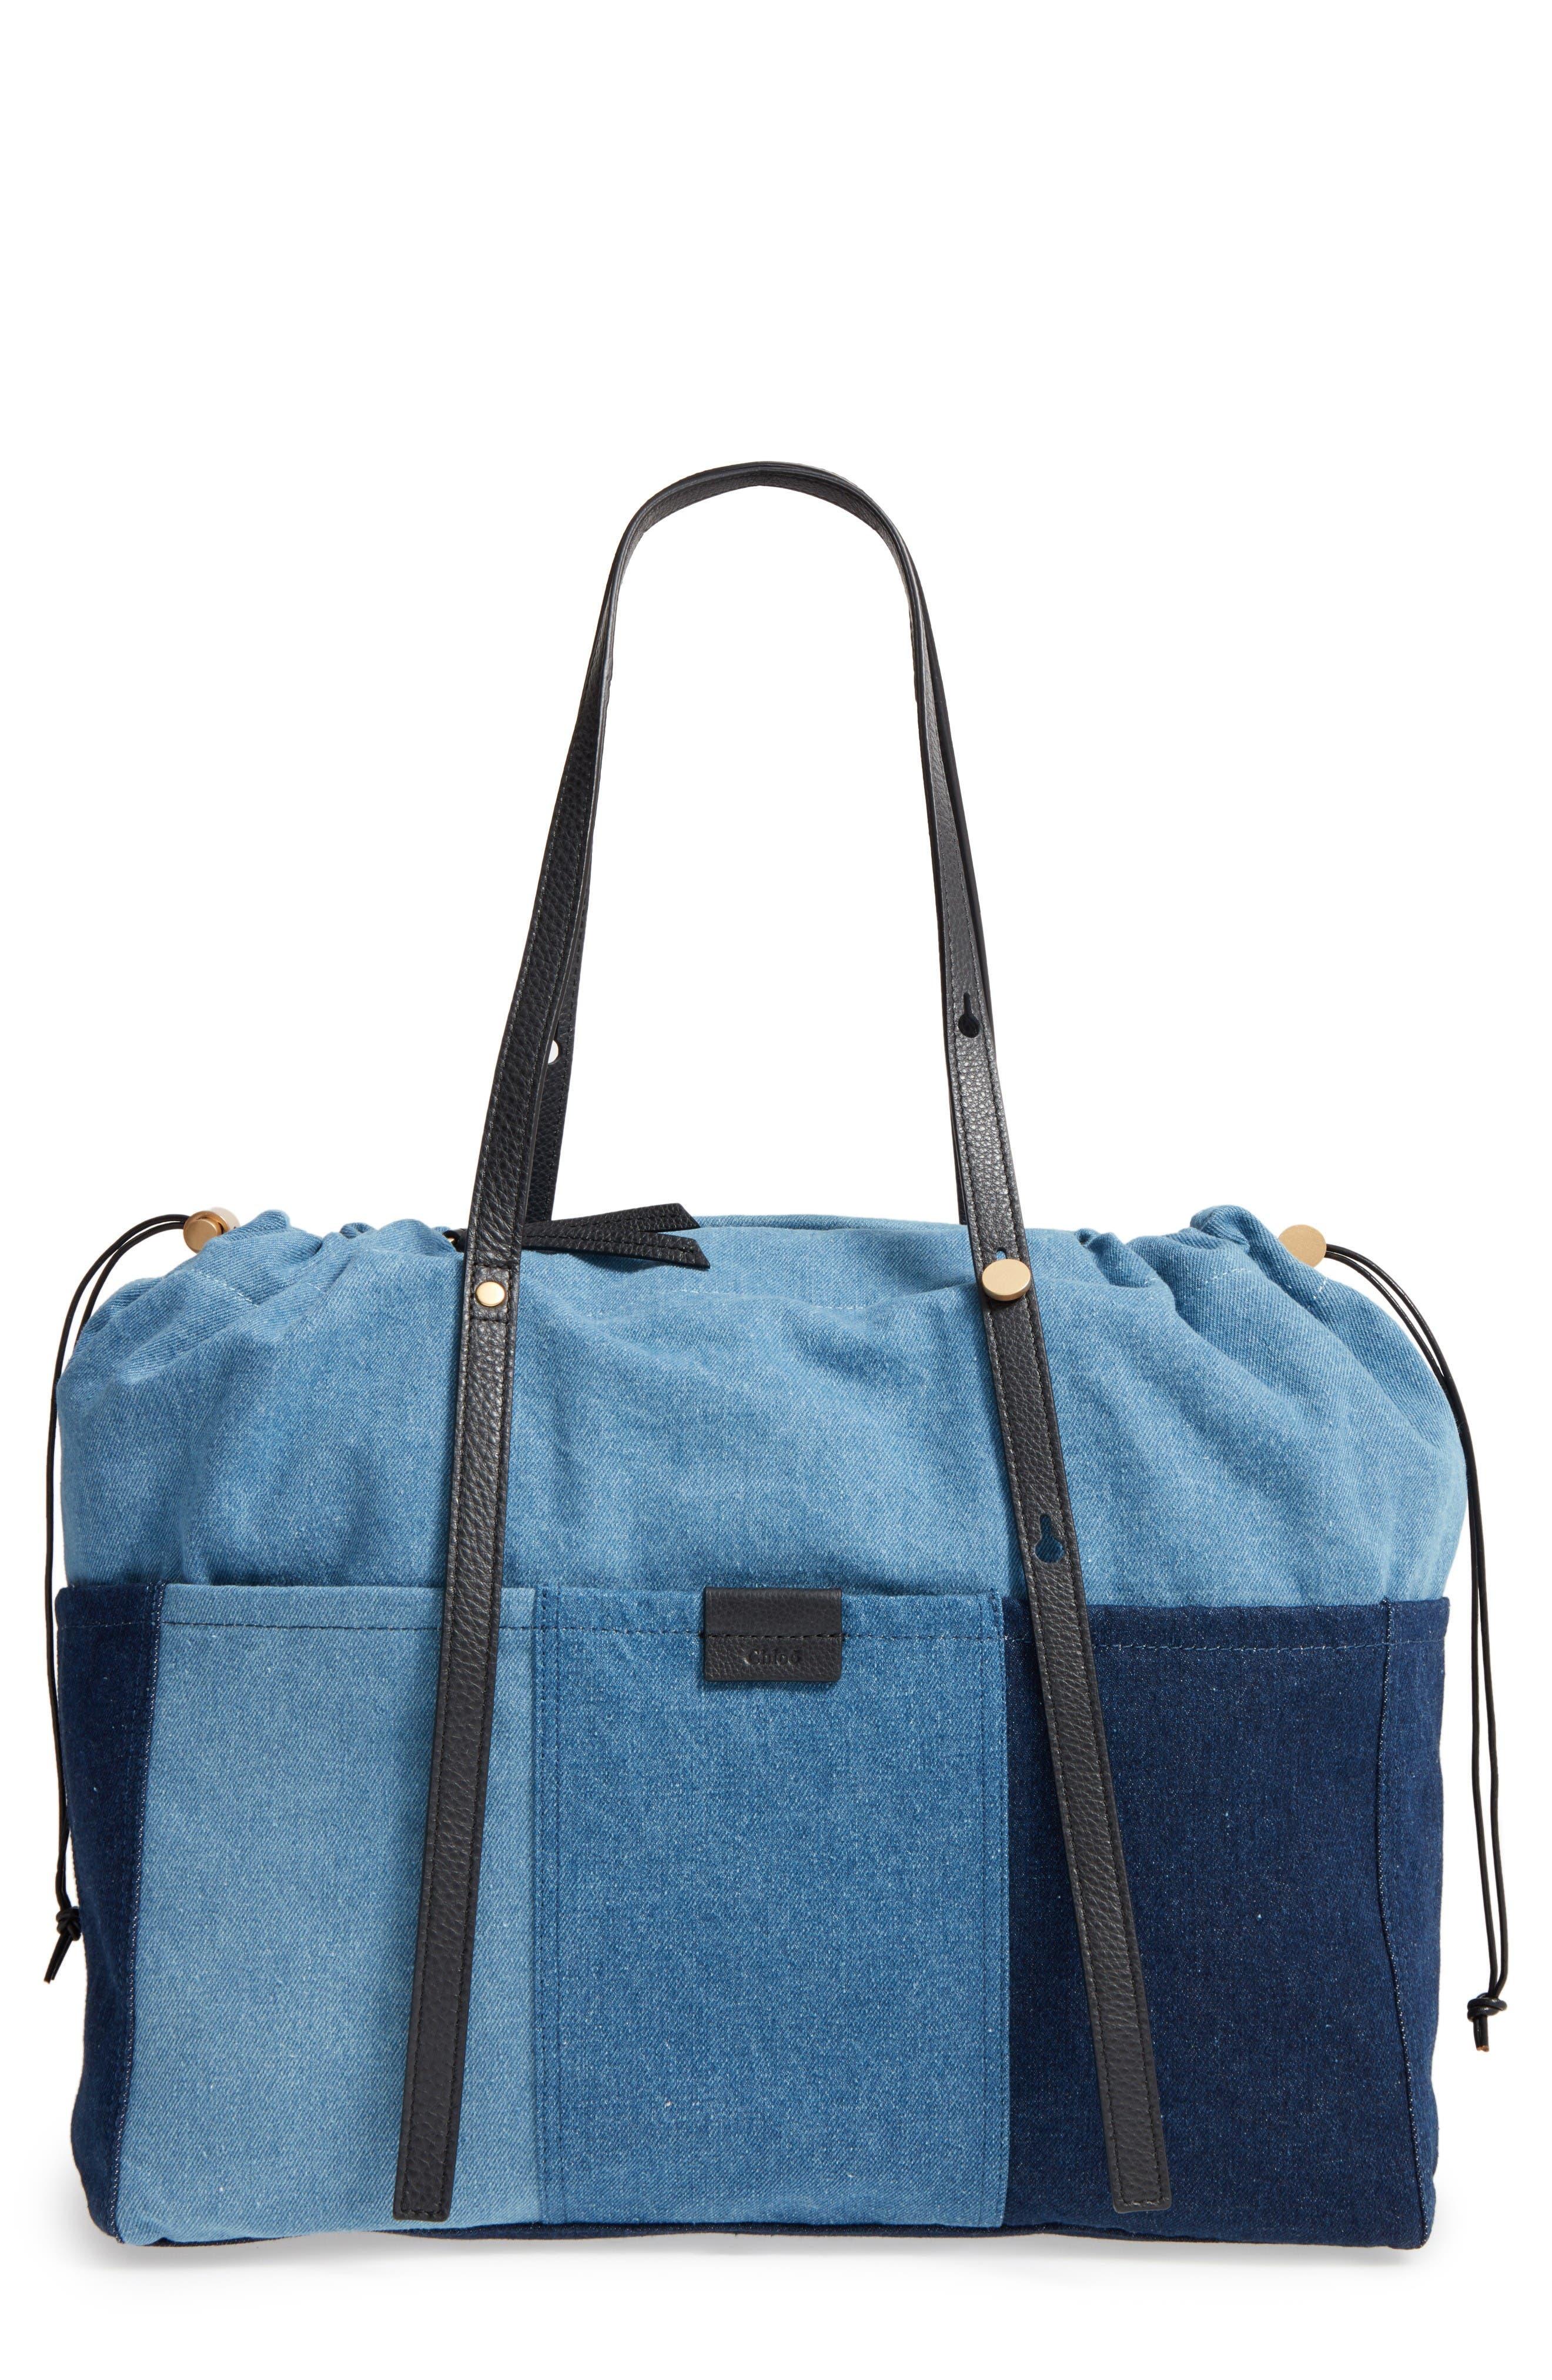 Alternate Image 1 Selected - Chloé Denim Diaper Bag